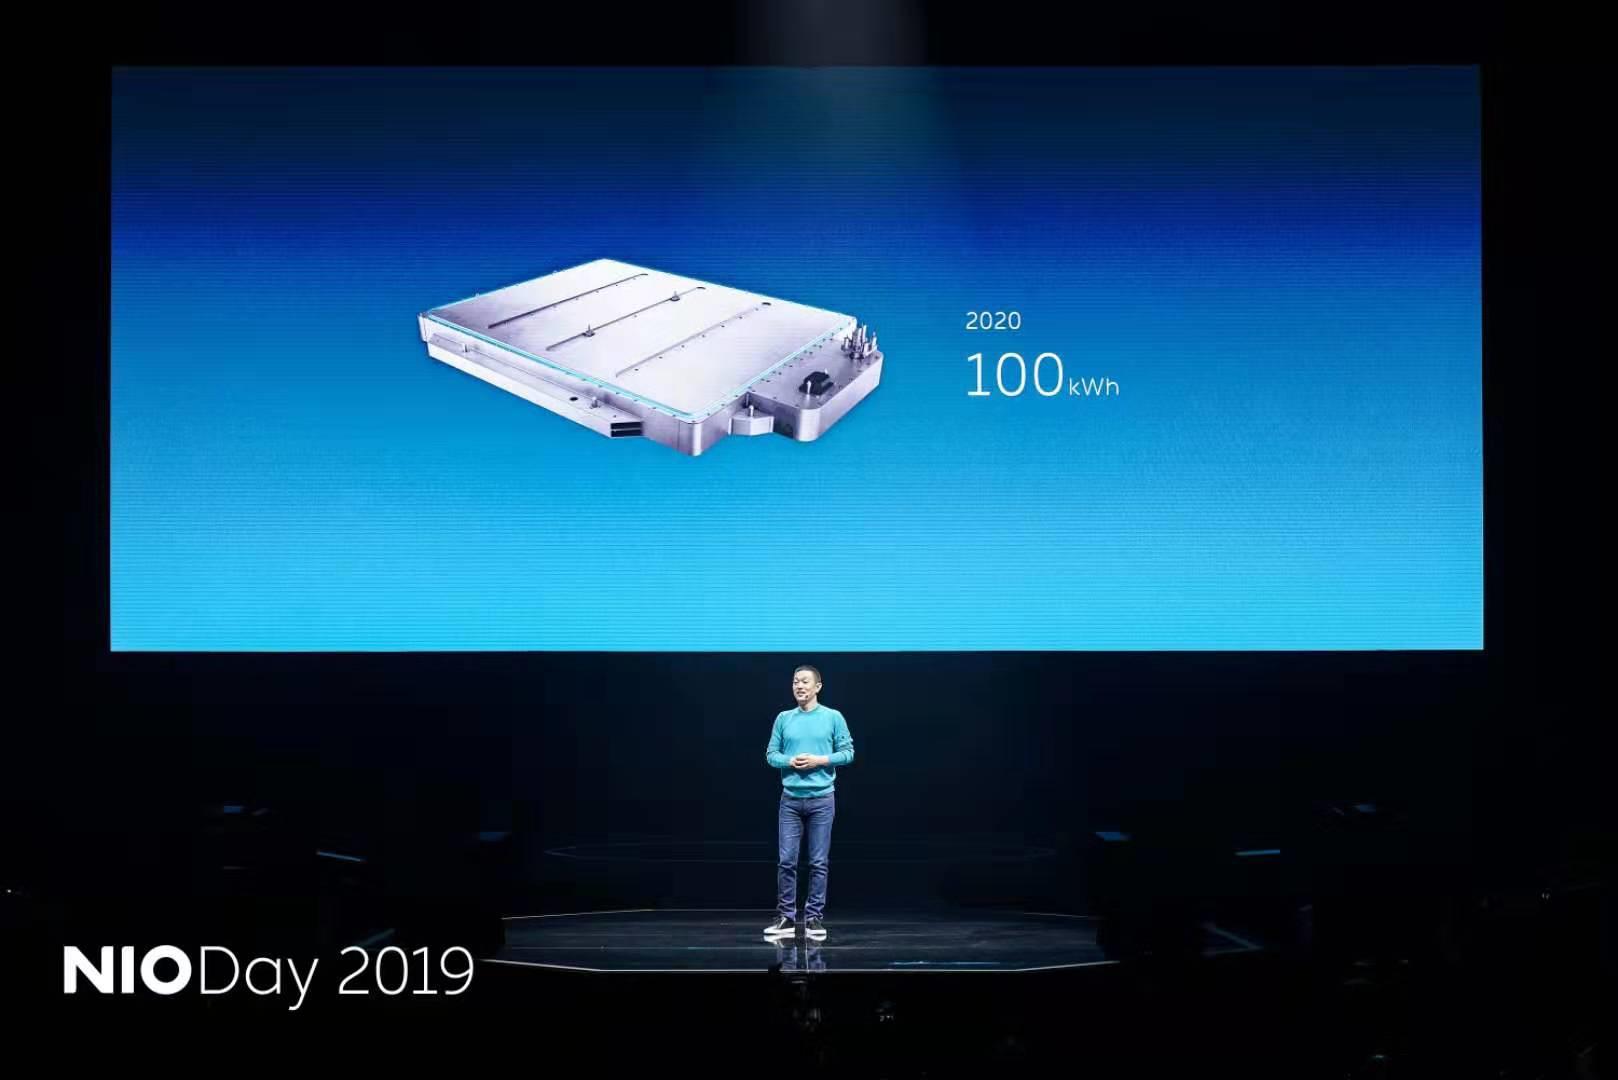 蔚来的2019:用户与产品初长成